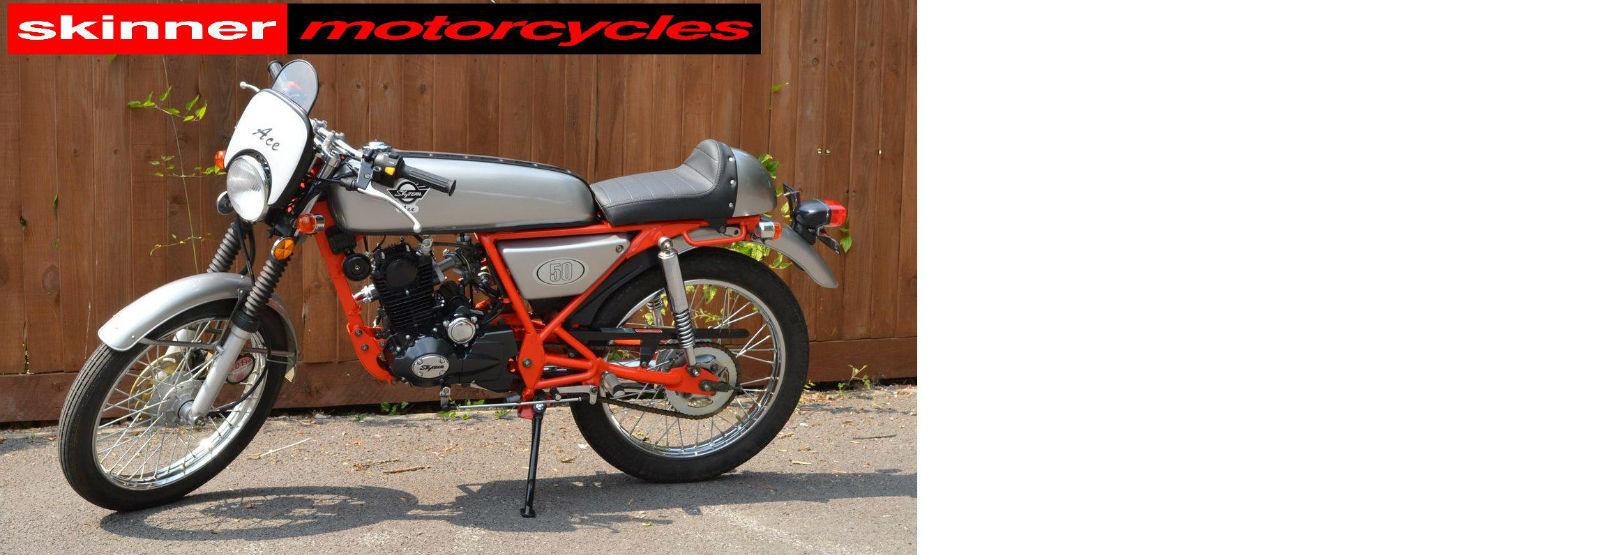 skyteam ace 50 brand new cafe racer learner legal. Black Bedroom Furniture Sets. Home Design Ideas